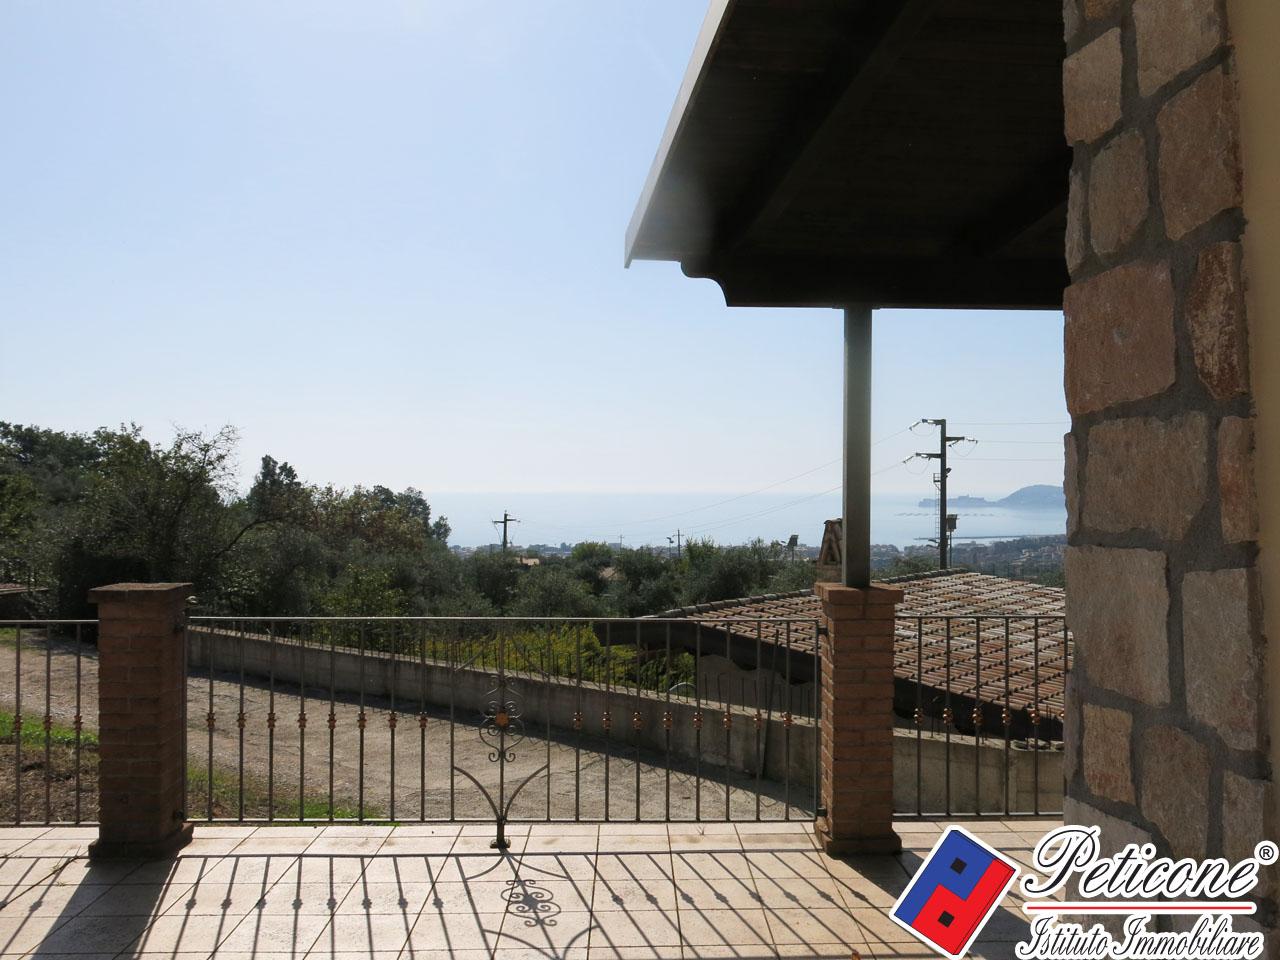 Villa in Vendita a Formia: 4 locali, 90 mq - Foto 29